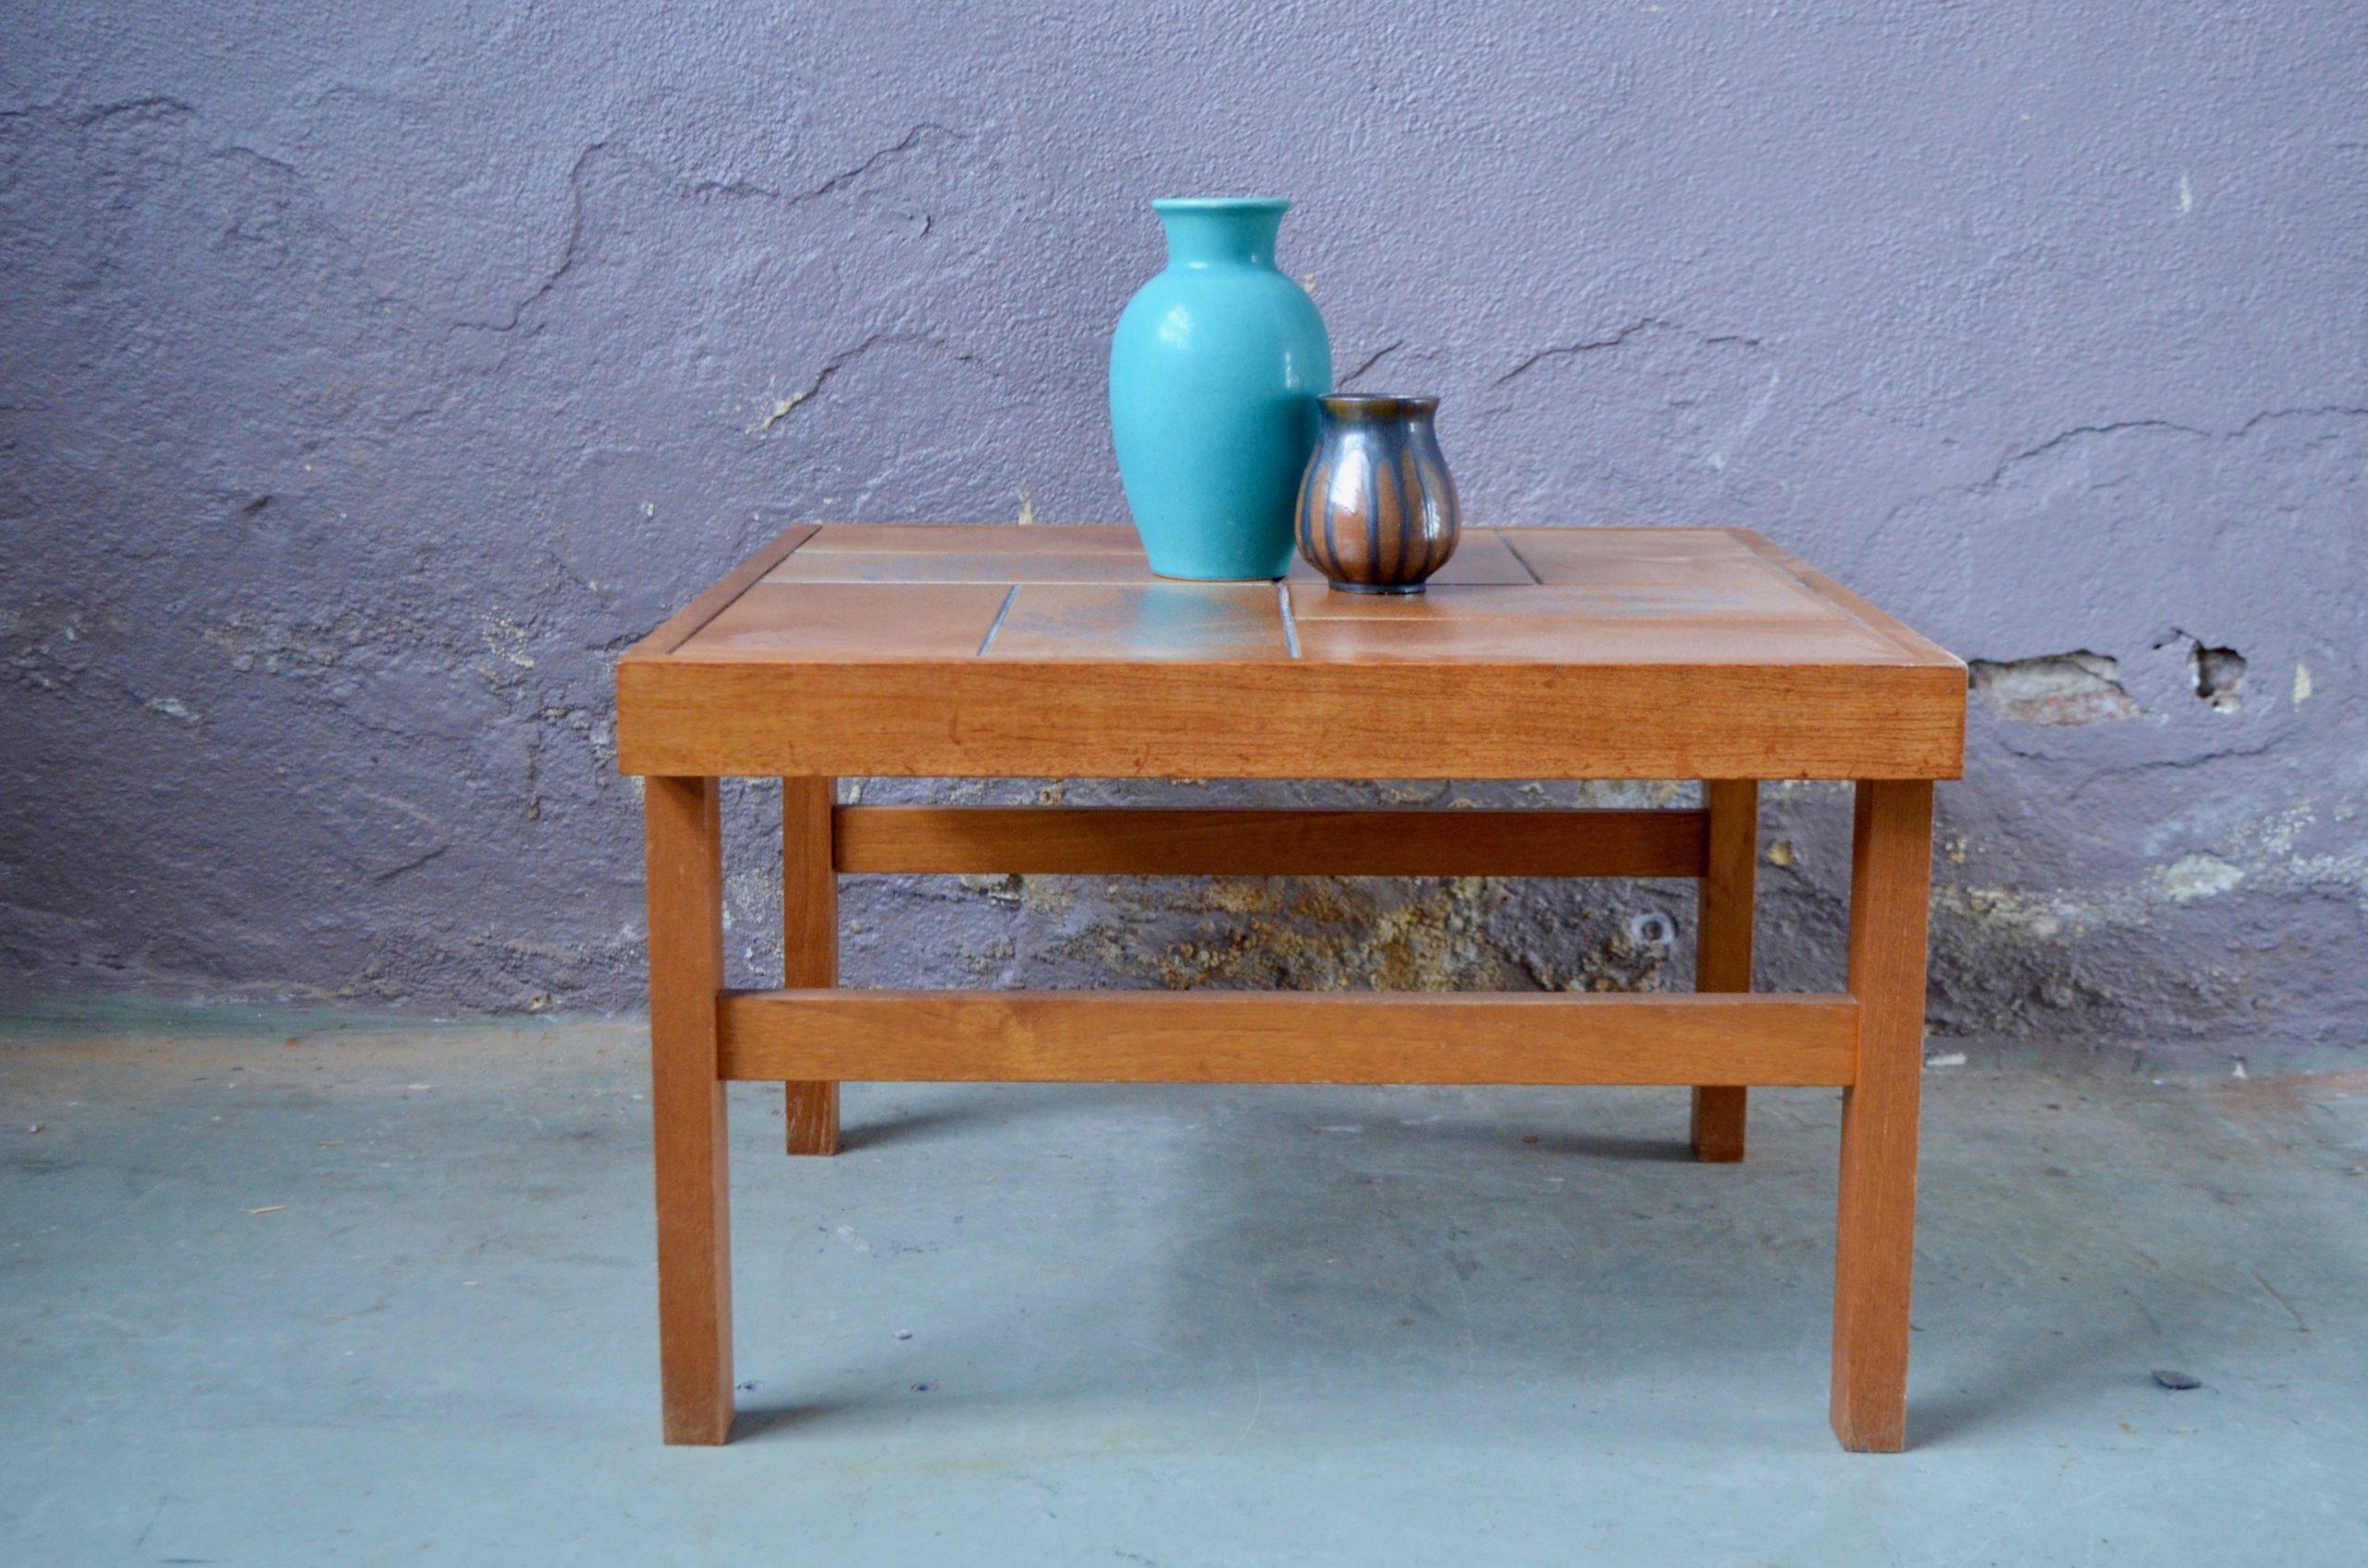 Table basse design scandinave danois Trioh brutaliste carreaux de grès céramique